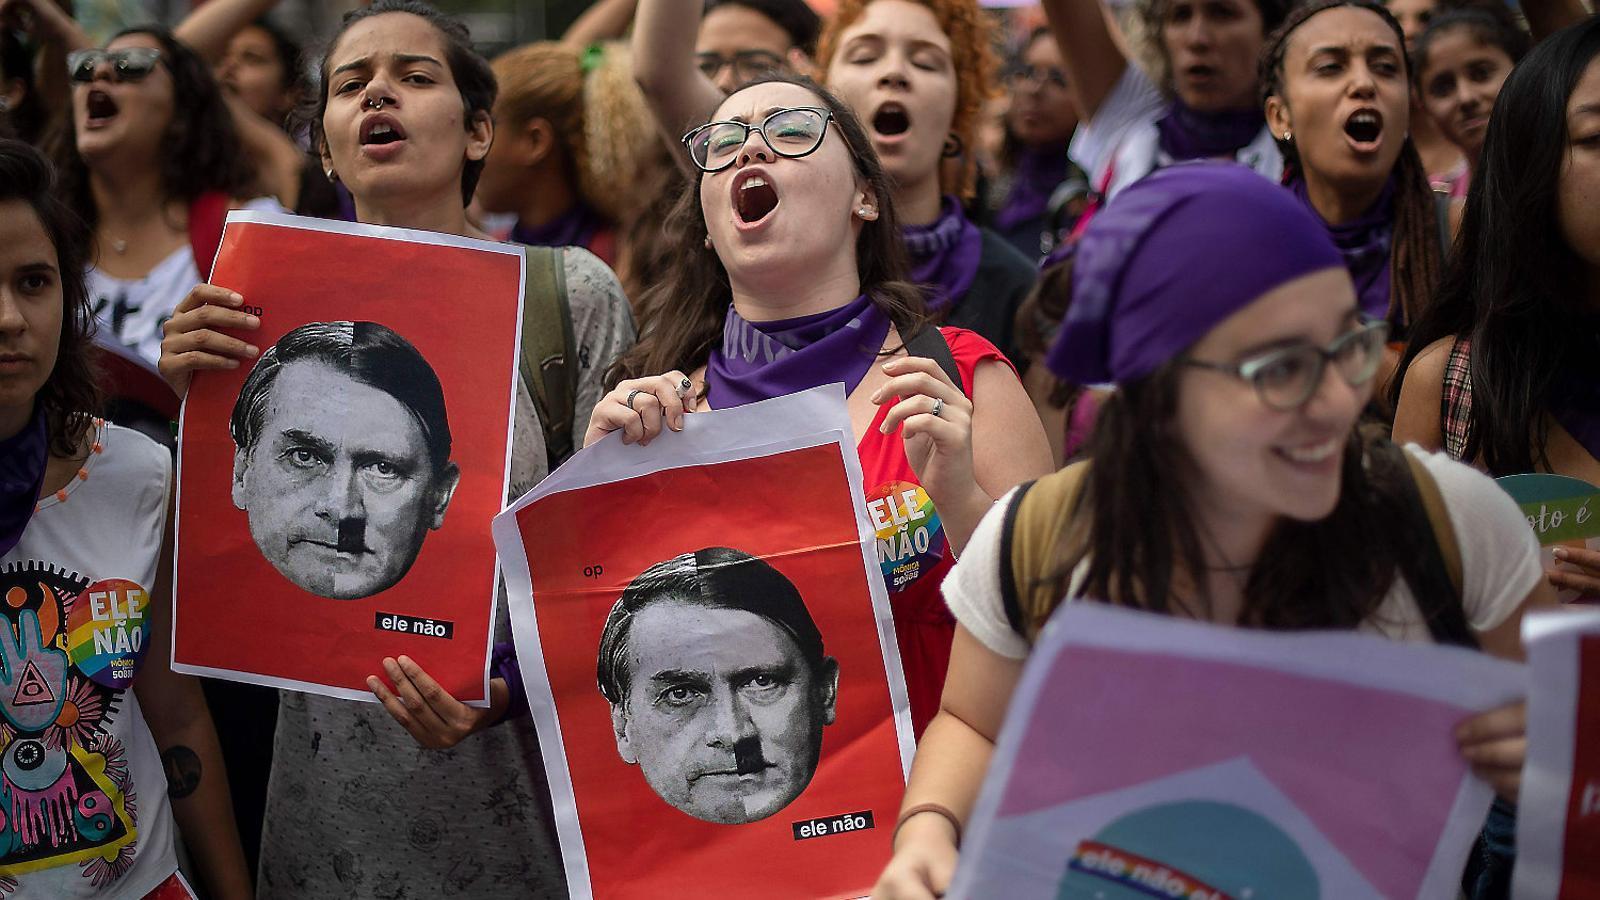 Les dones del Brasil s'uneixen contra el candidat ultradretà